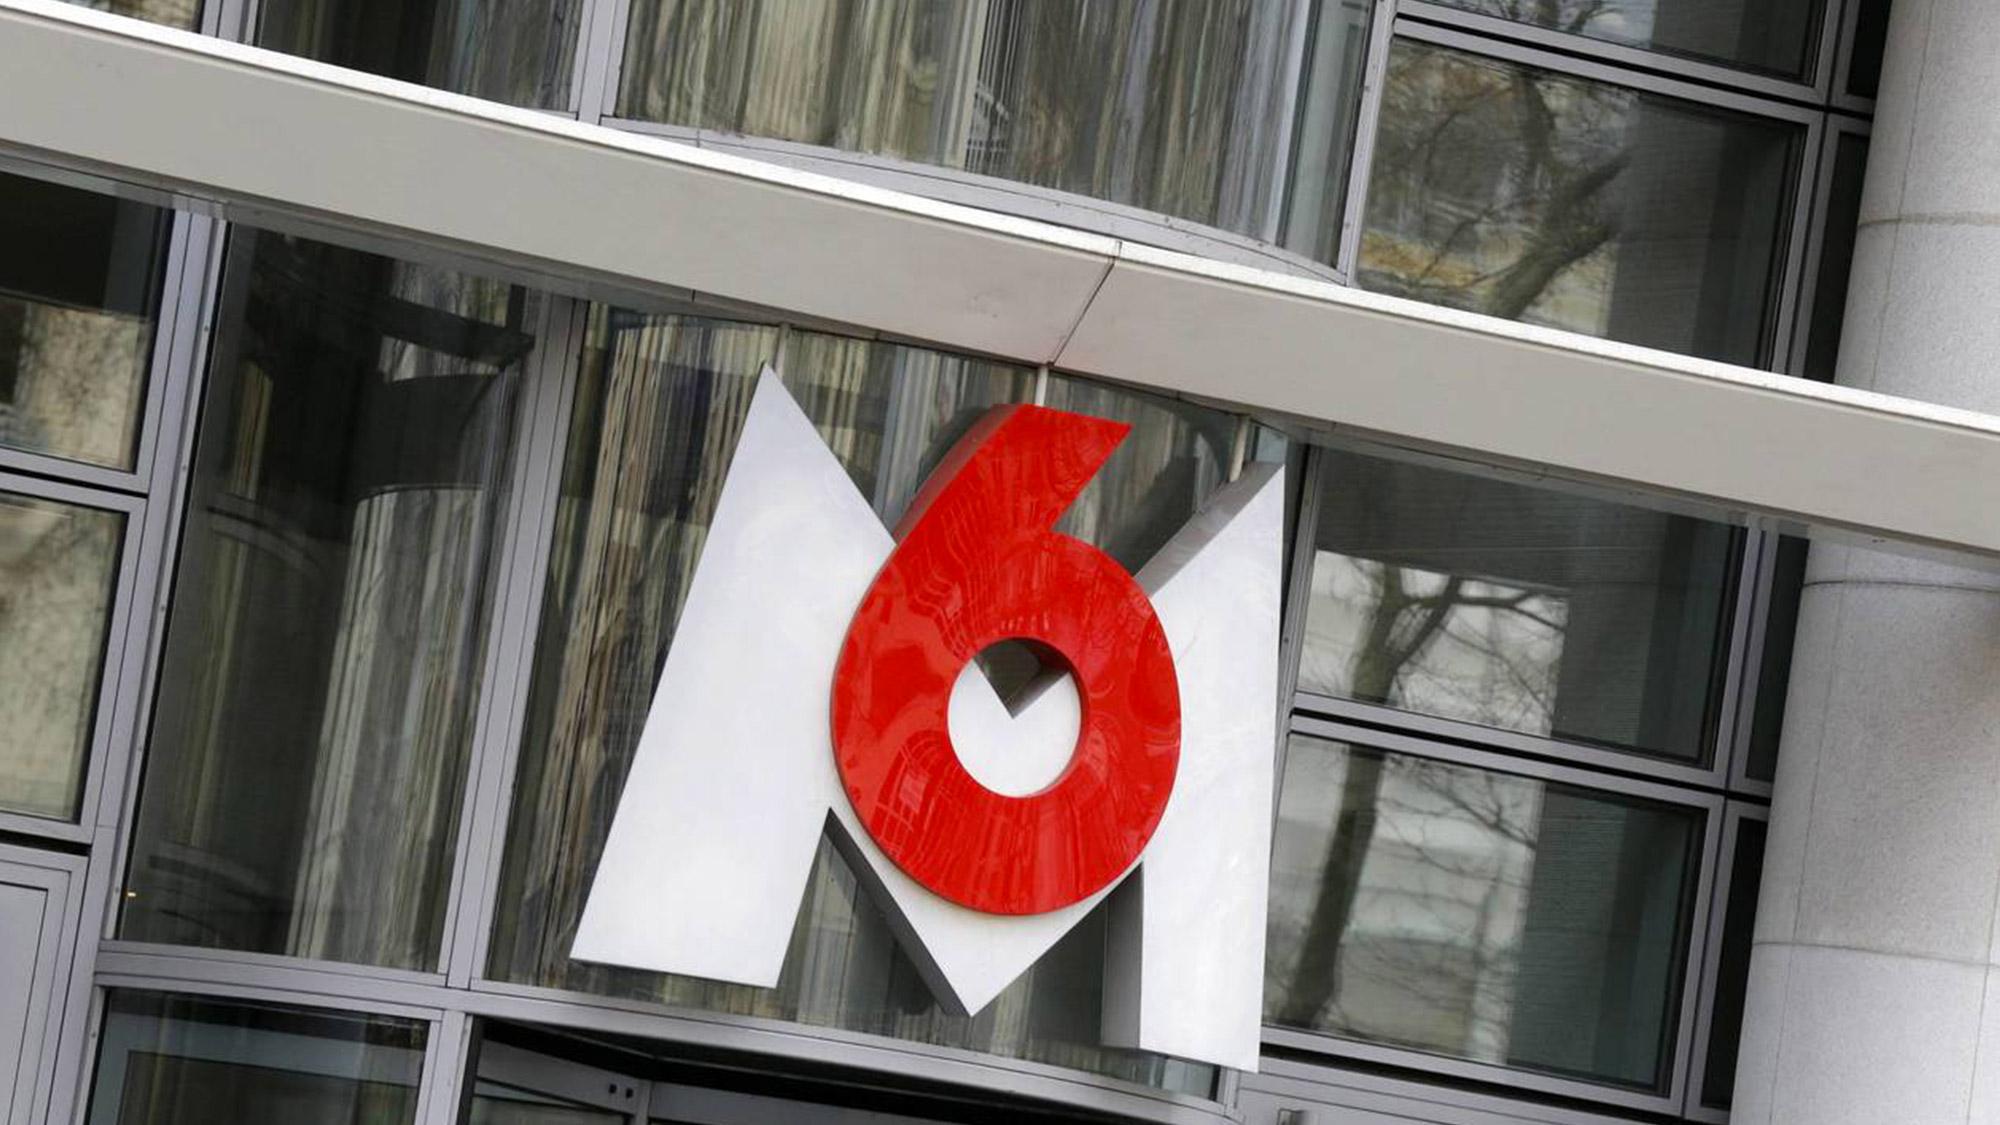 Siège social du groupe M6 à Neuilly-sur-Seine (Hauts-de-Seine).